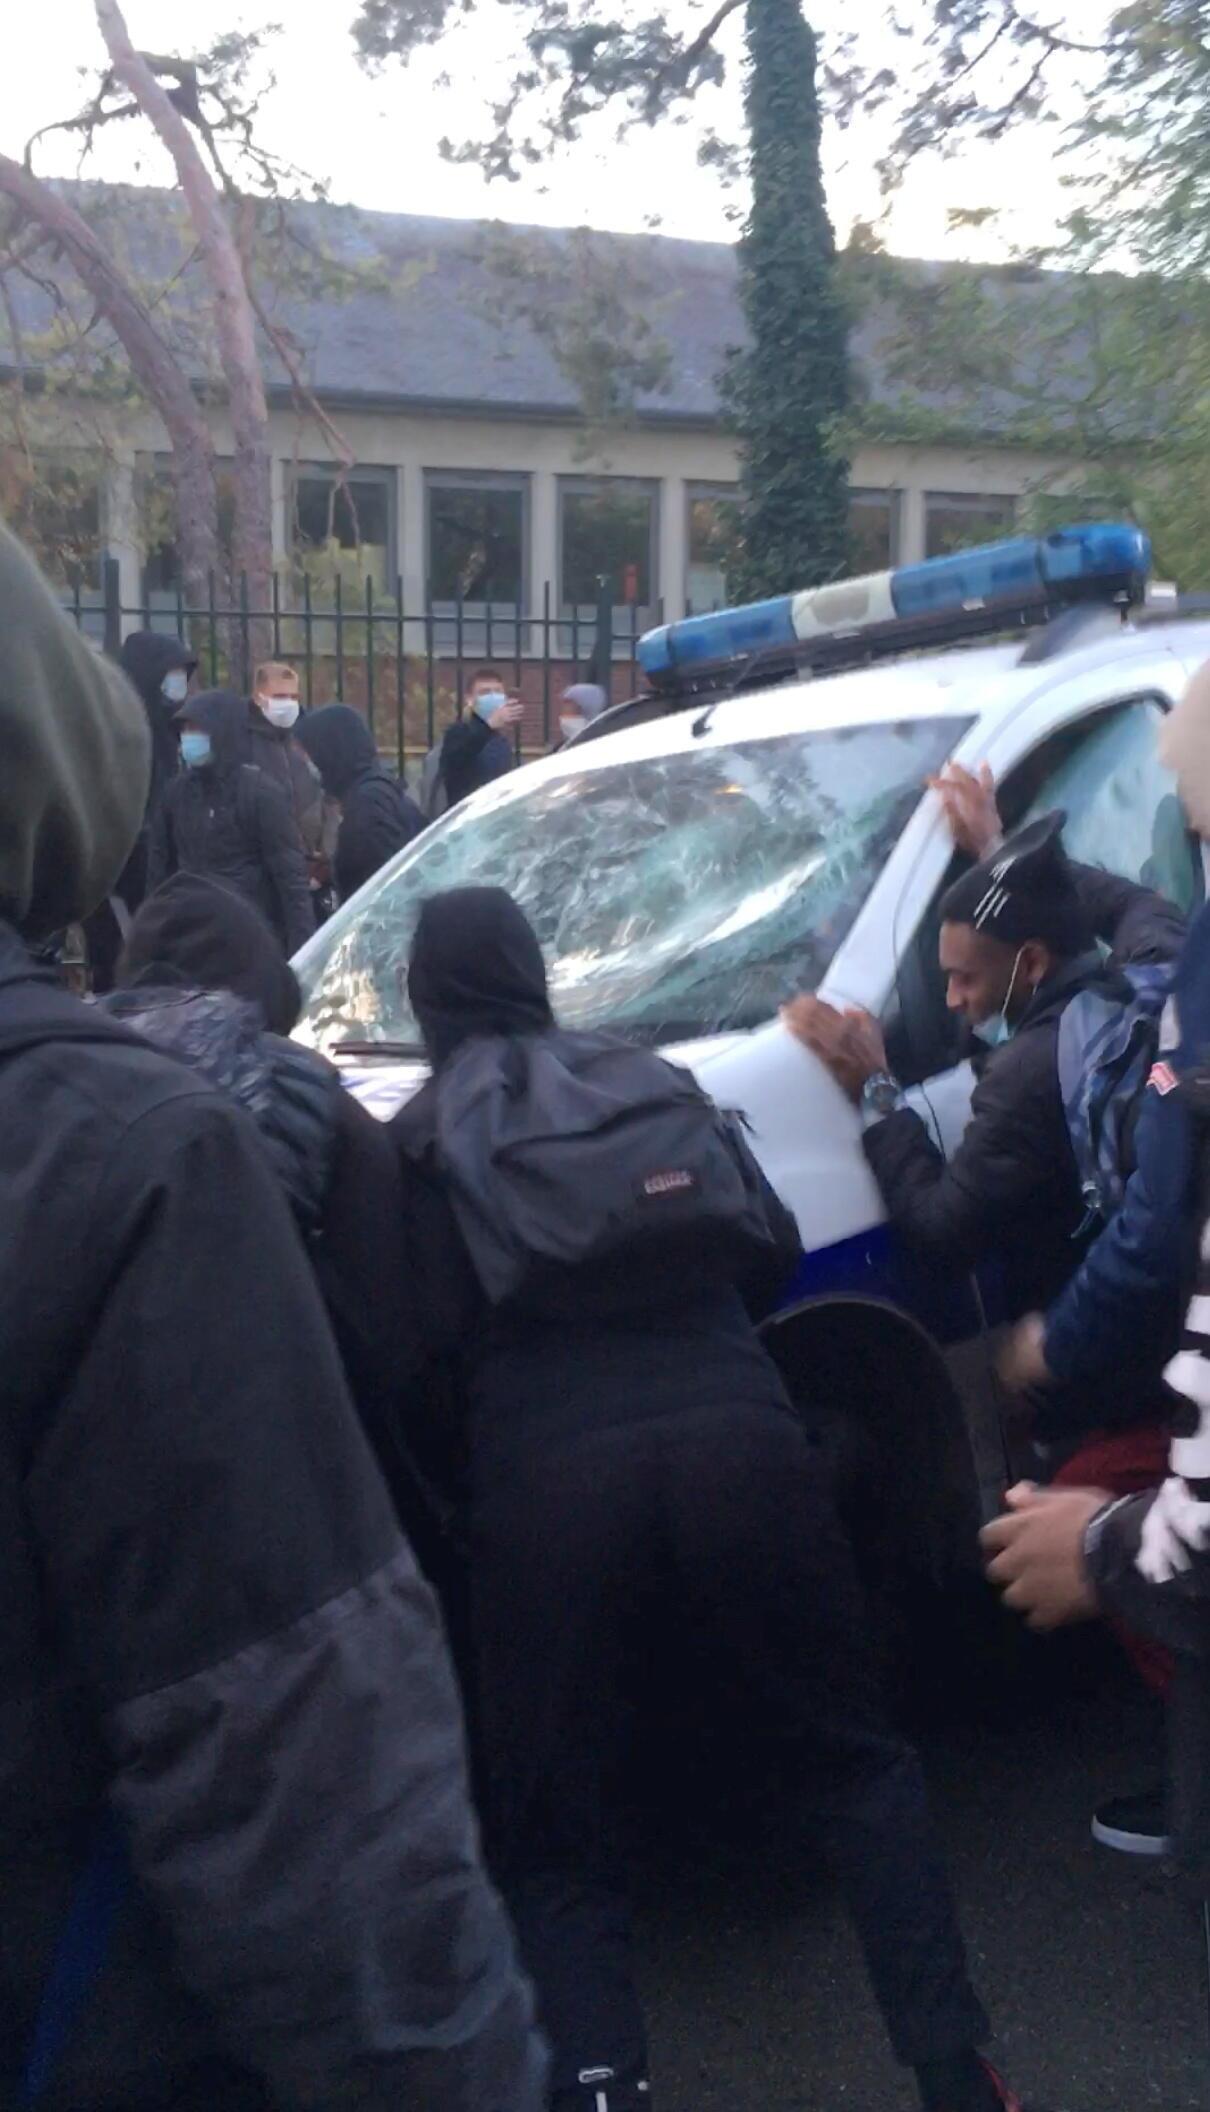 В Компьене произошли столкновения подростков с полицией около здания старшей школы